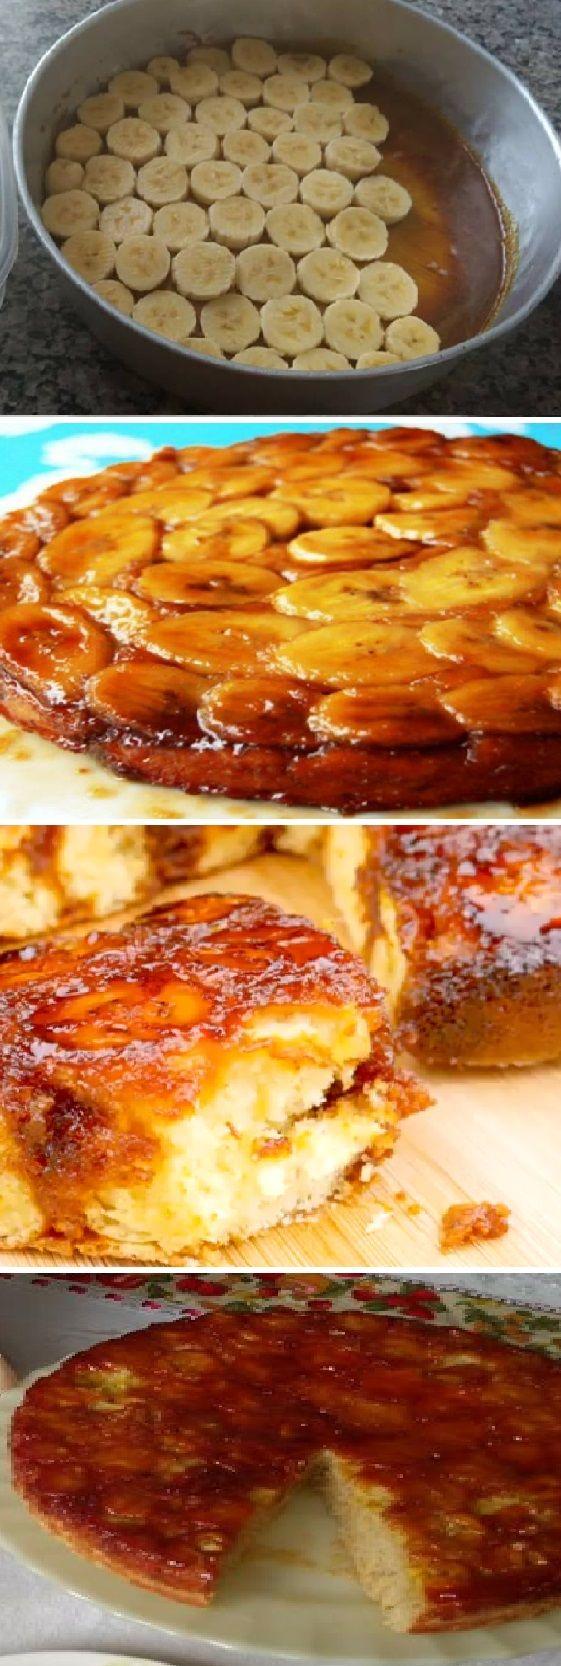 Después de hacer la mejor torta de Plátano Maduro del mundo, nunca más olvidará su sabor! #lamejor #platano #banana #frutas #pan #panfrances #pantone #panes #pantone #pan #receta #recipe #casero #torta #tartas #pastel #nestlecocina #bizcocho #bizcochuelo #tasty #cocina #chocolate Si te gusta dinos HOLA y dale a Me Gusta MIREN …